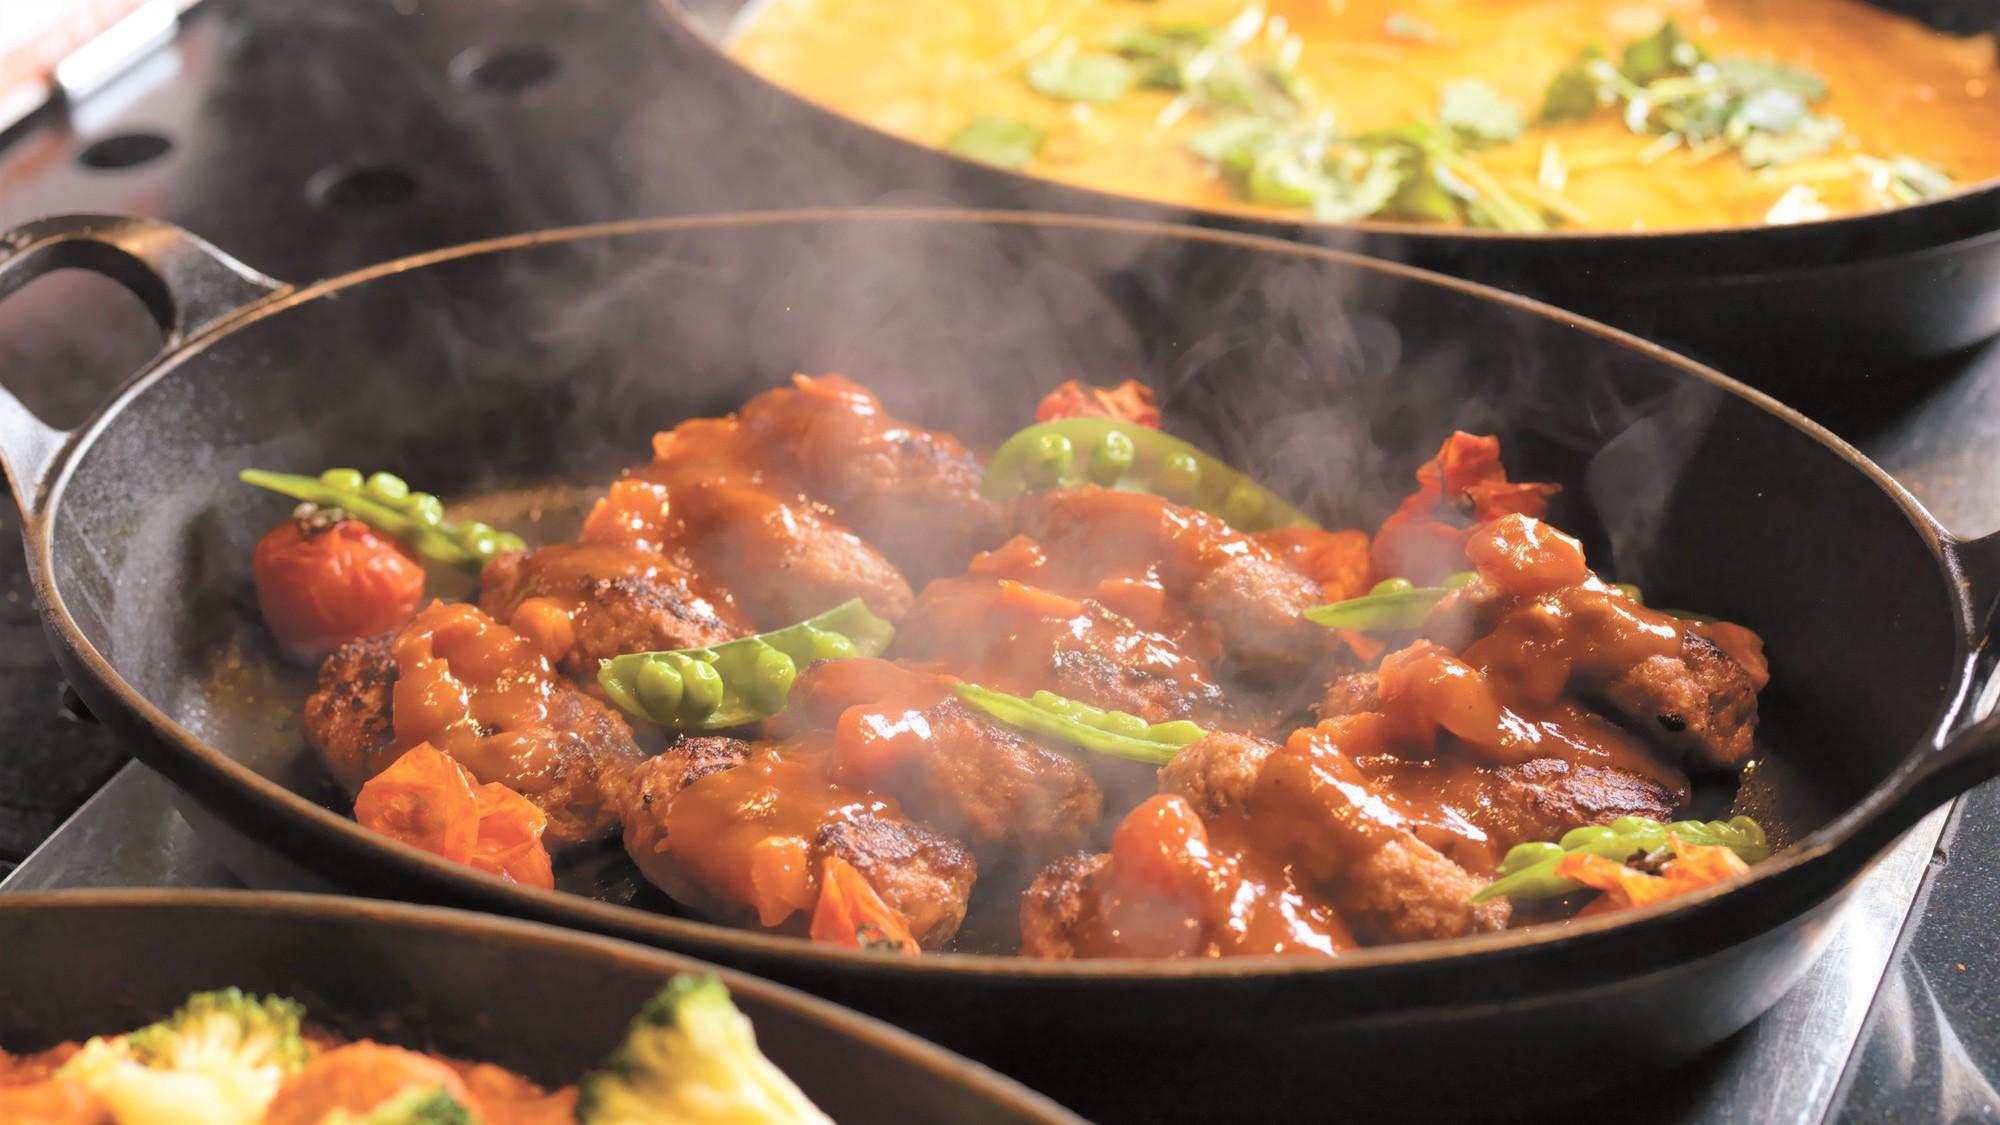 【森ビュッフェ】窯焼きピッツァやオーブン料理など、おとぎ話のようなご馳走が揃います(夕食イメージ)